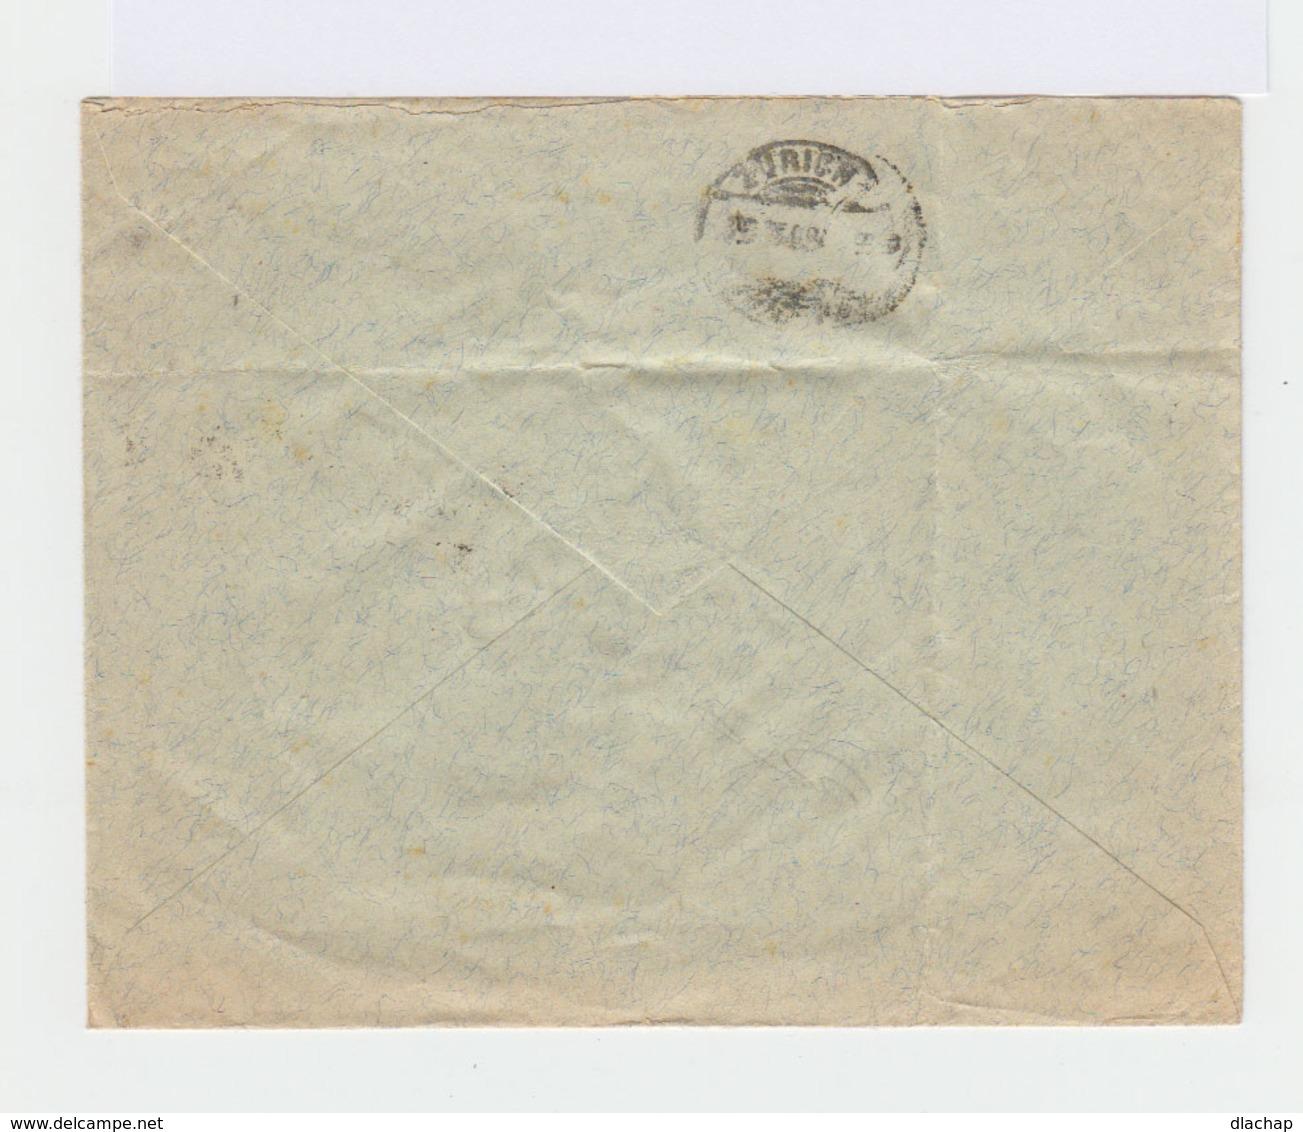 Enveloppe De Suisse. Deux Timbres Walter Teil 5 C. Vert CAD Carouge 1903. Cachet Zurich. (818) - Marcophilie